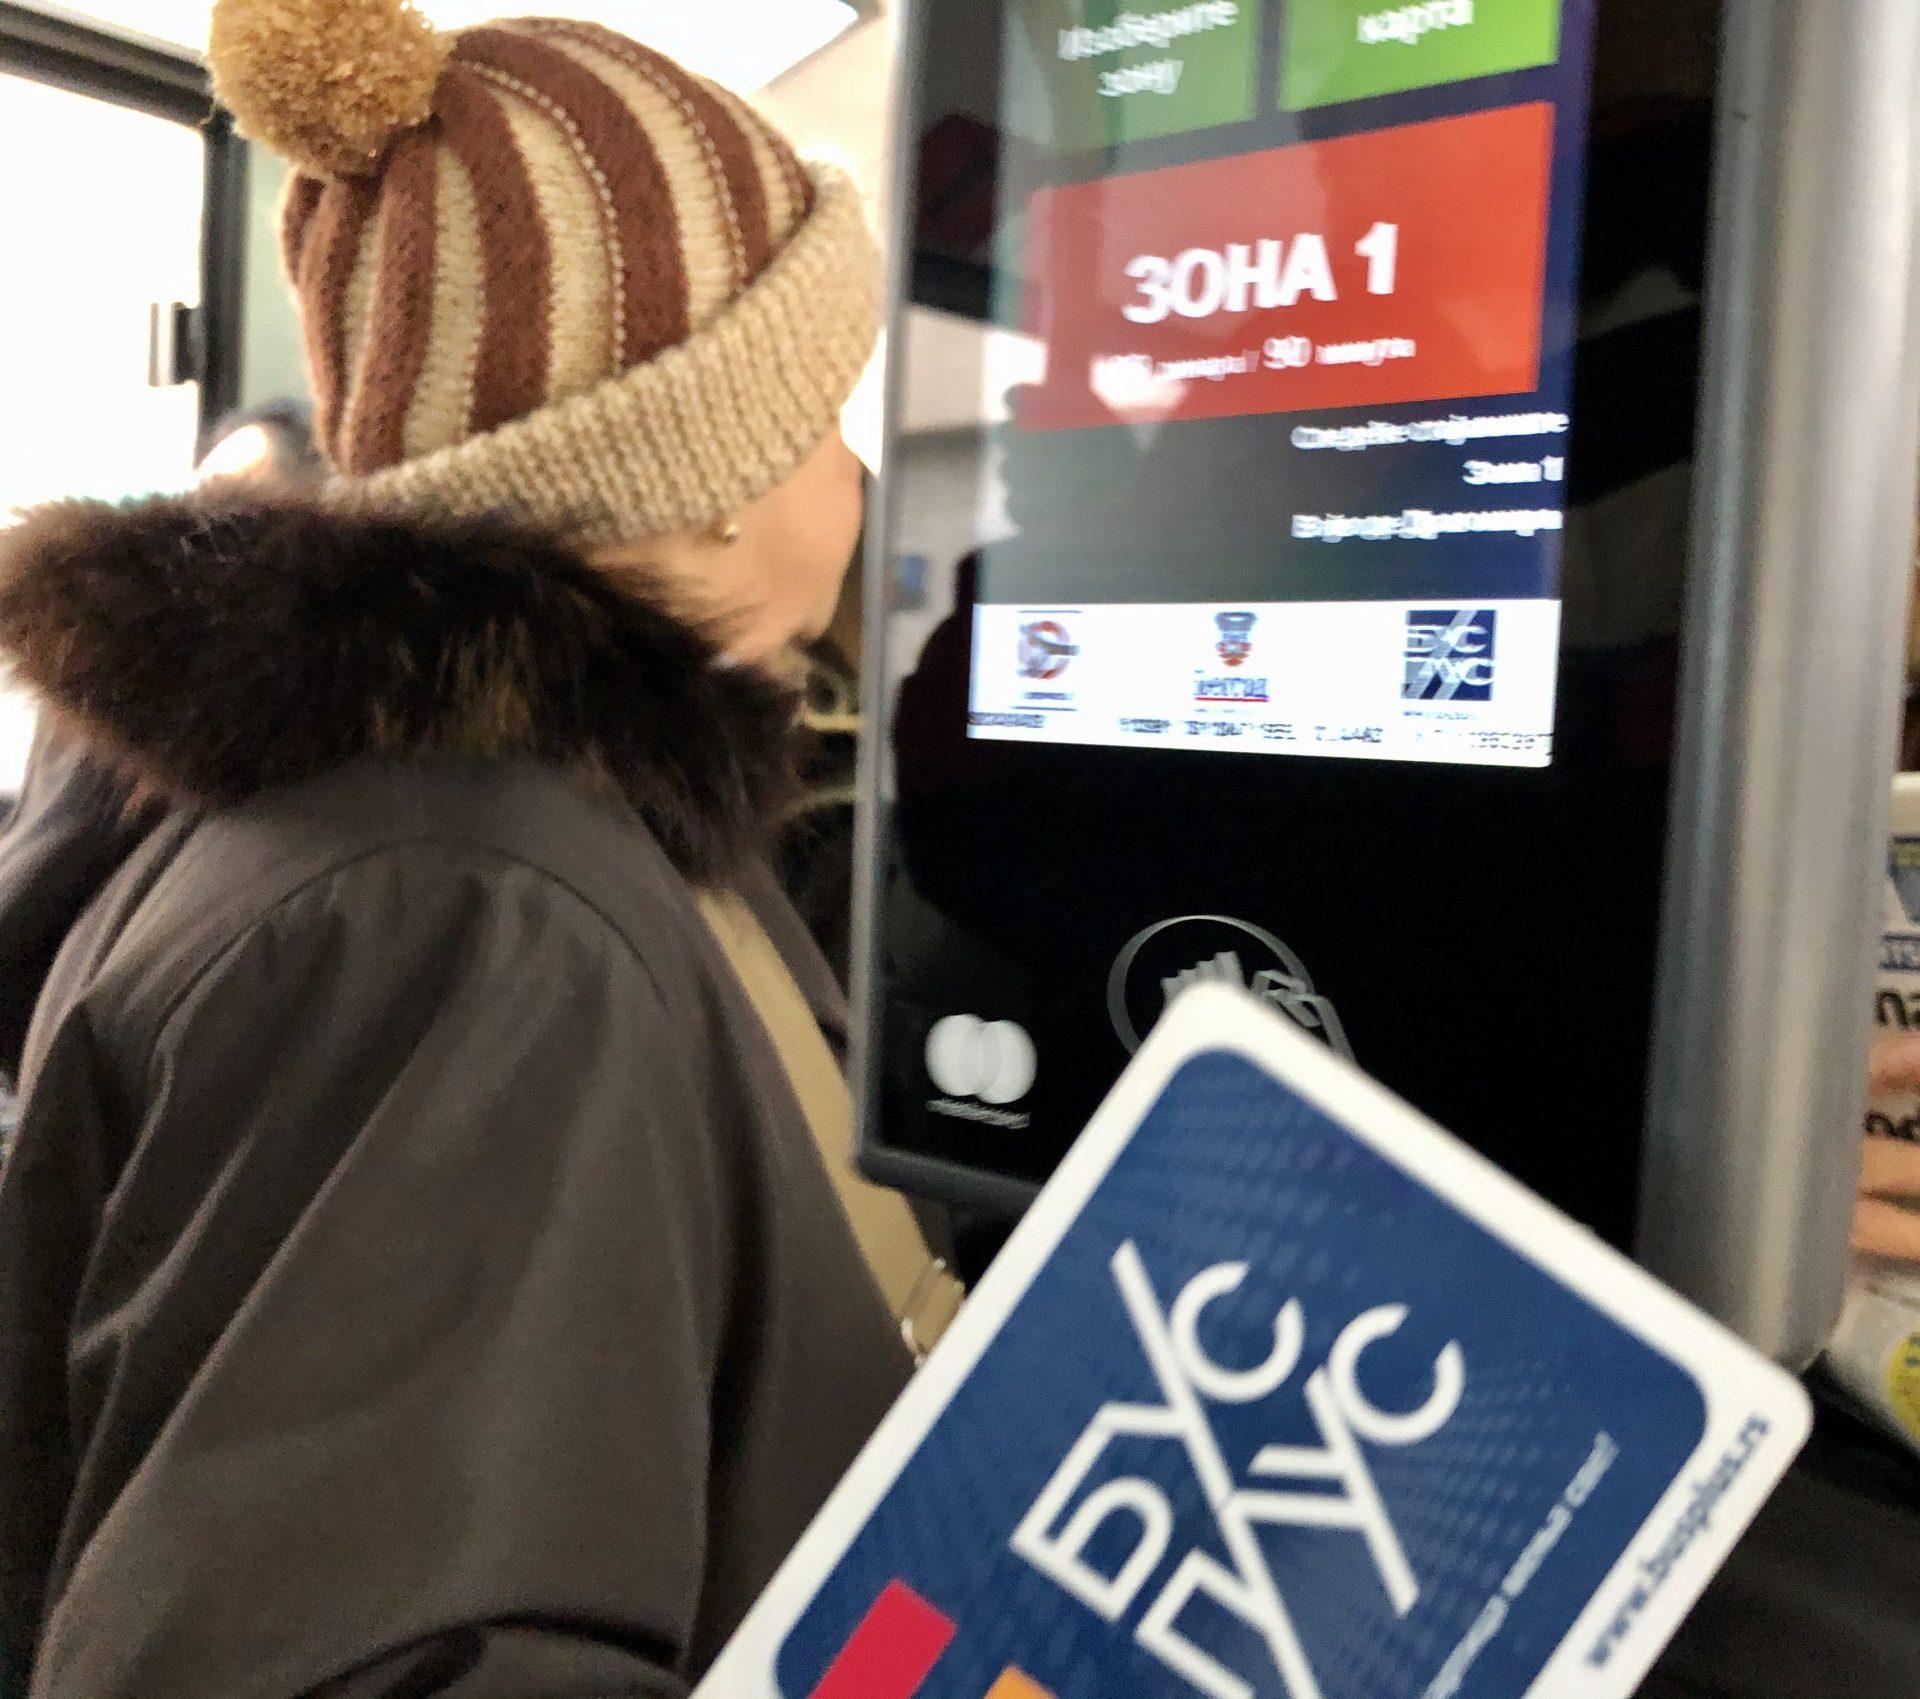 バスカードを支払いタッチパネルにかざす